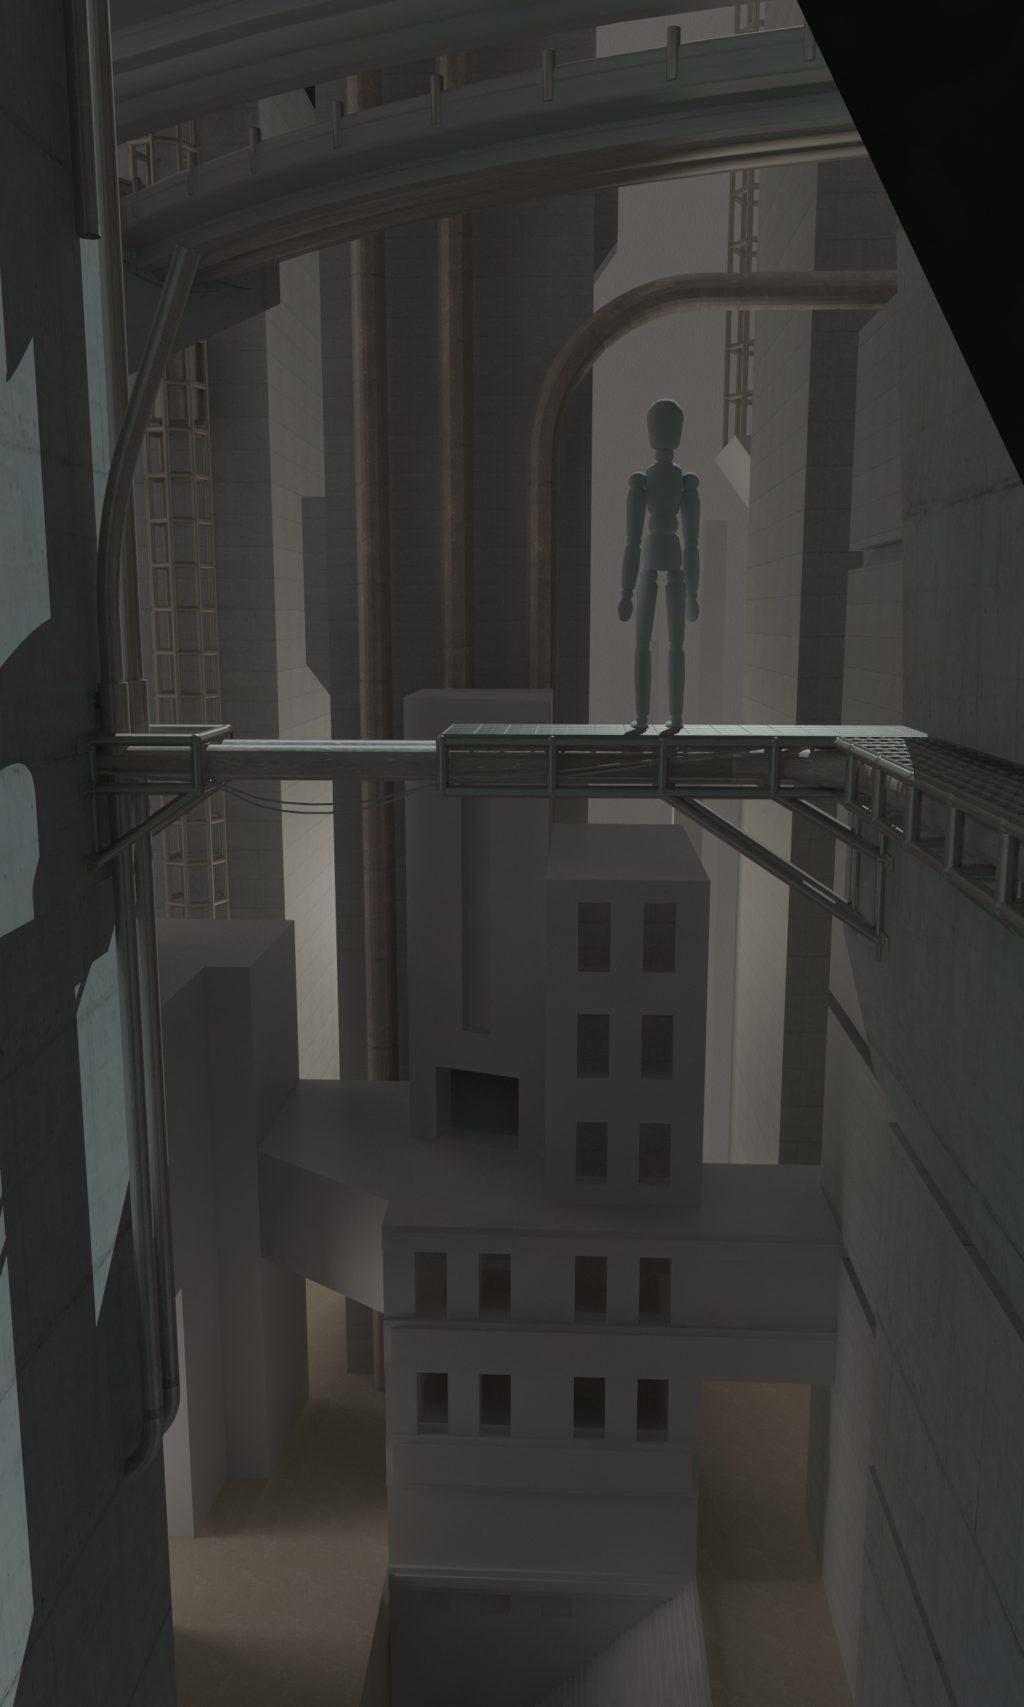 04-lighting-for-separation